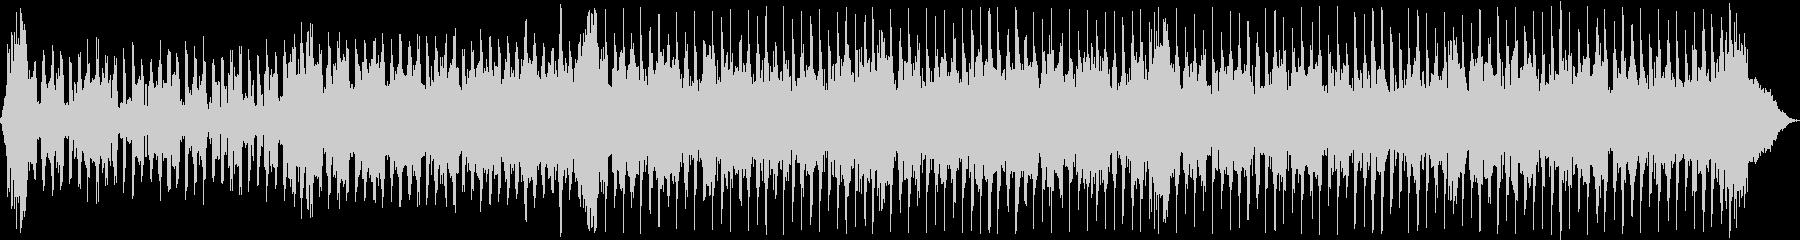 怪物エレキギターソングの未再生の波形